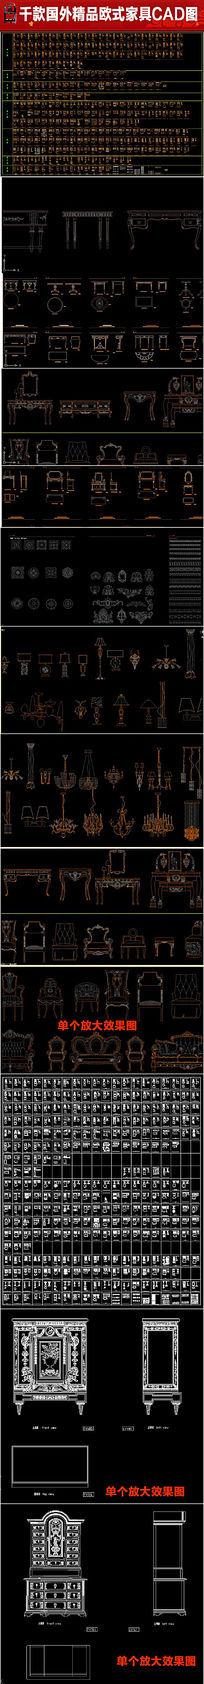 千款欧式新古典家具CAD图库 dwg